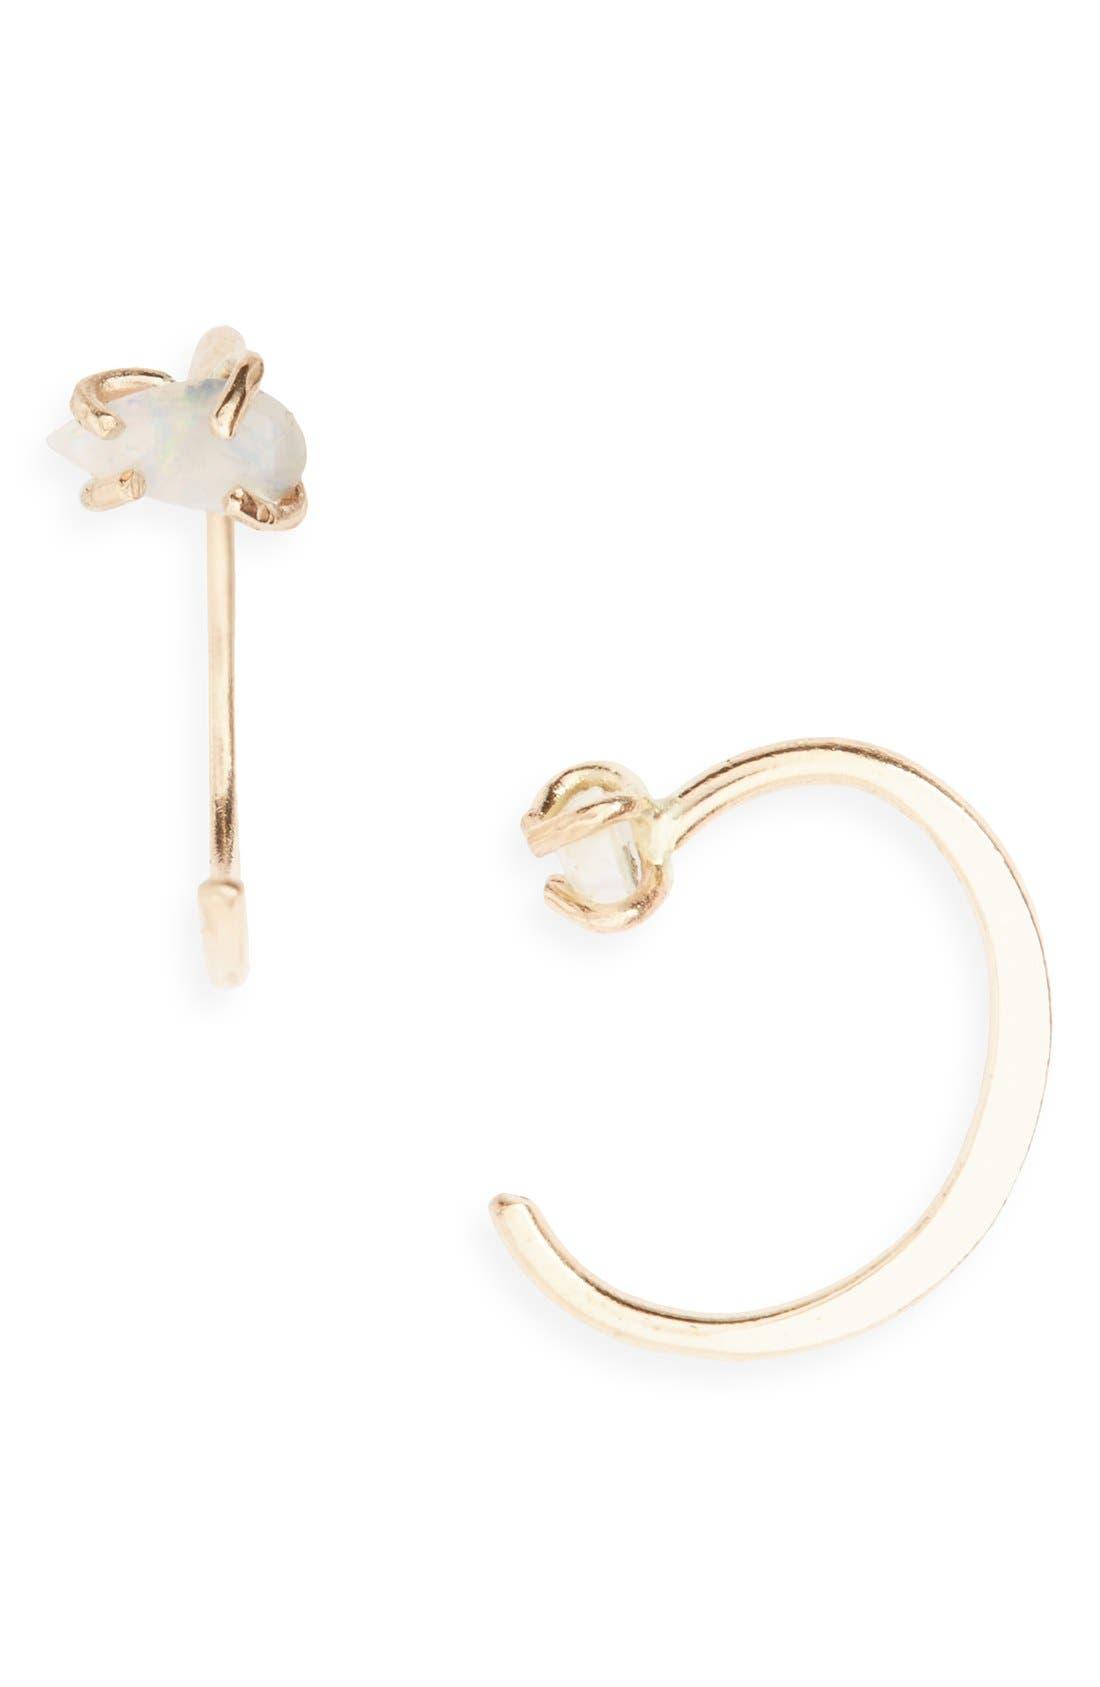 Opal Hug Hoop Earrings,                             Main thumbnail 1, color,